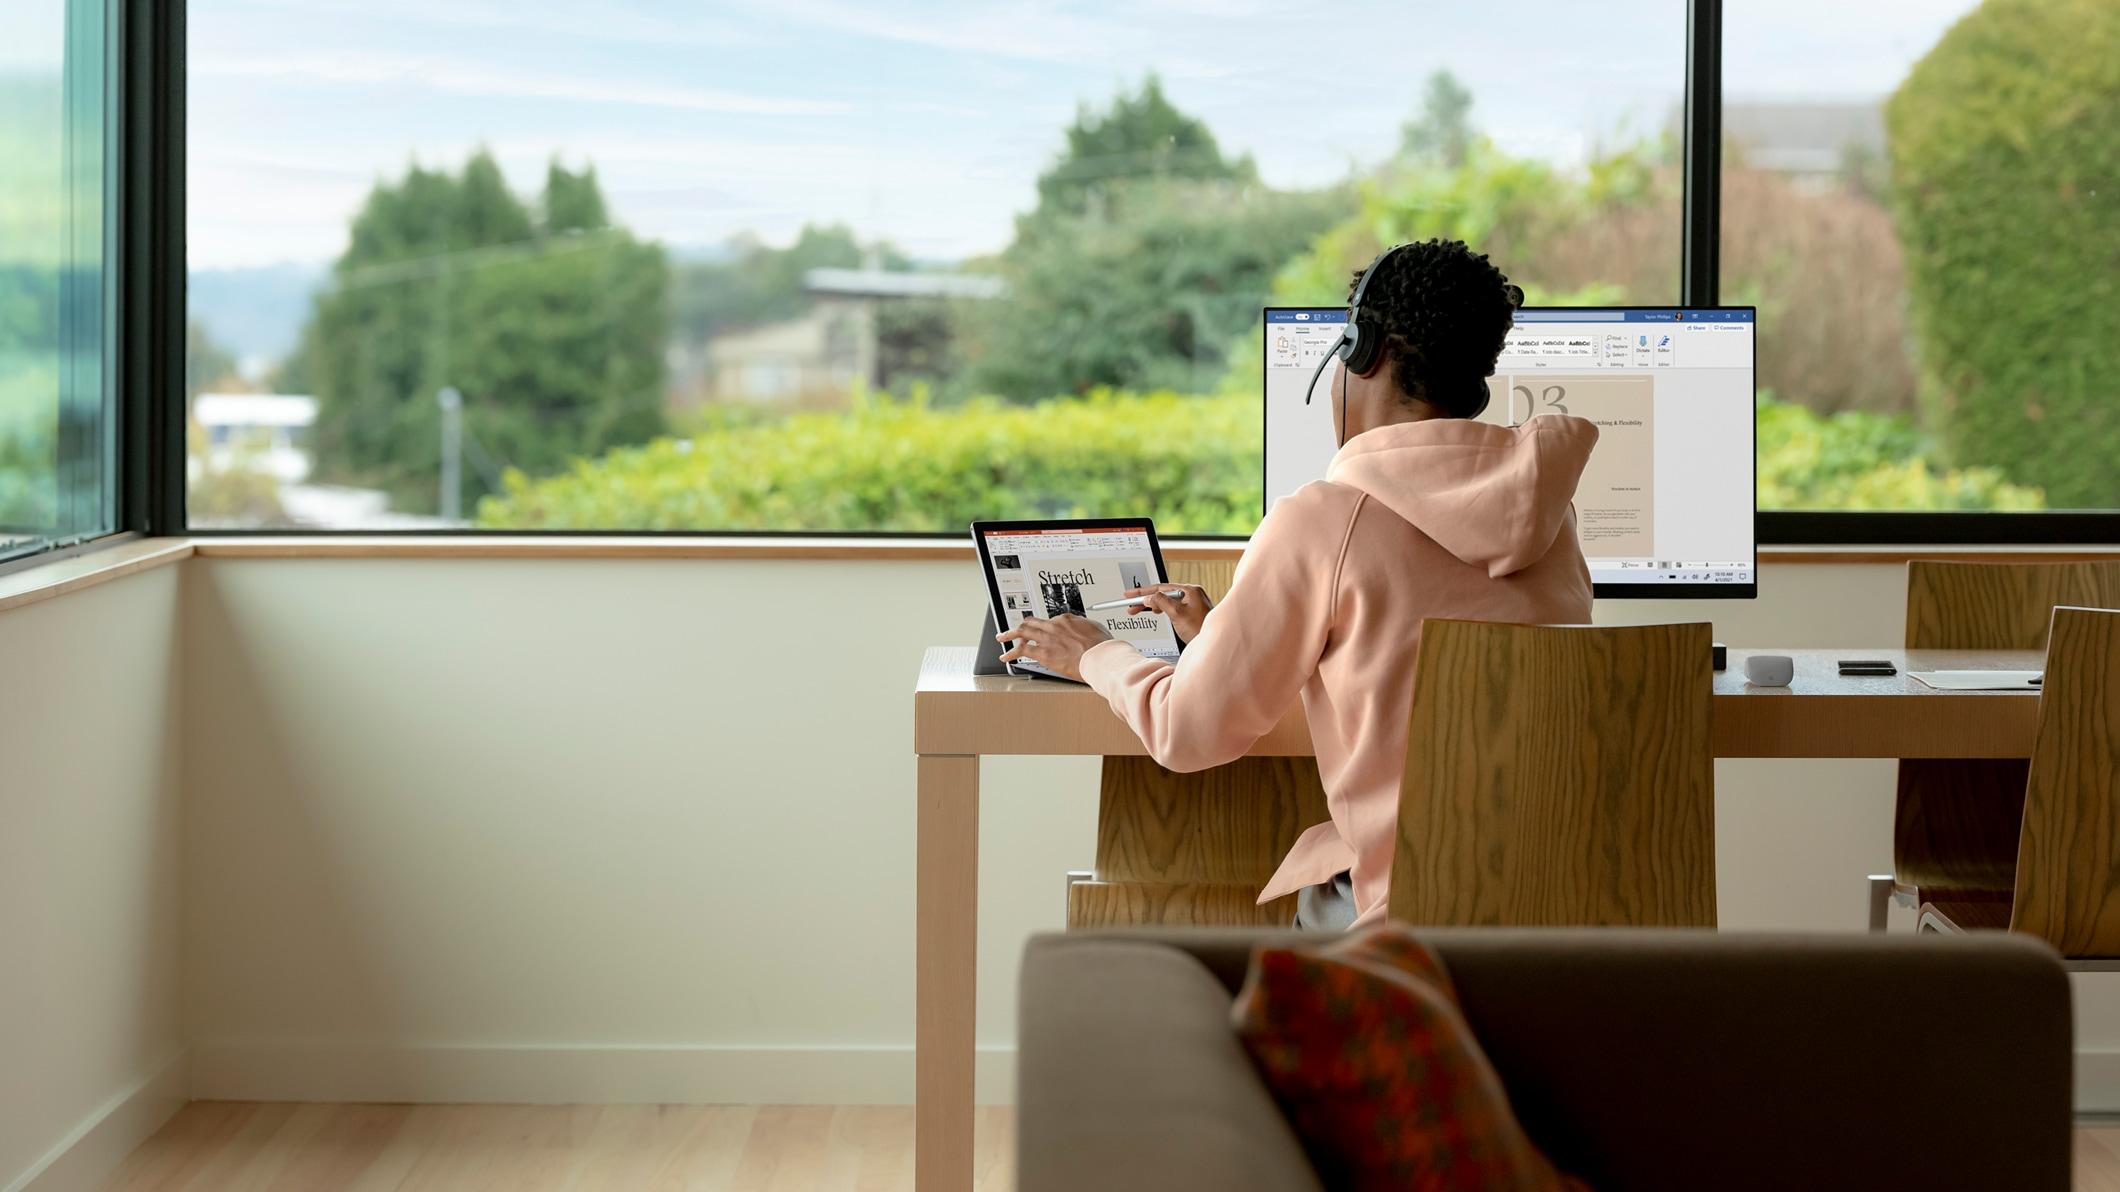 Egy diák íróasztalnál ülve Office-alkalmazásokat használ laptopon és monitoron.